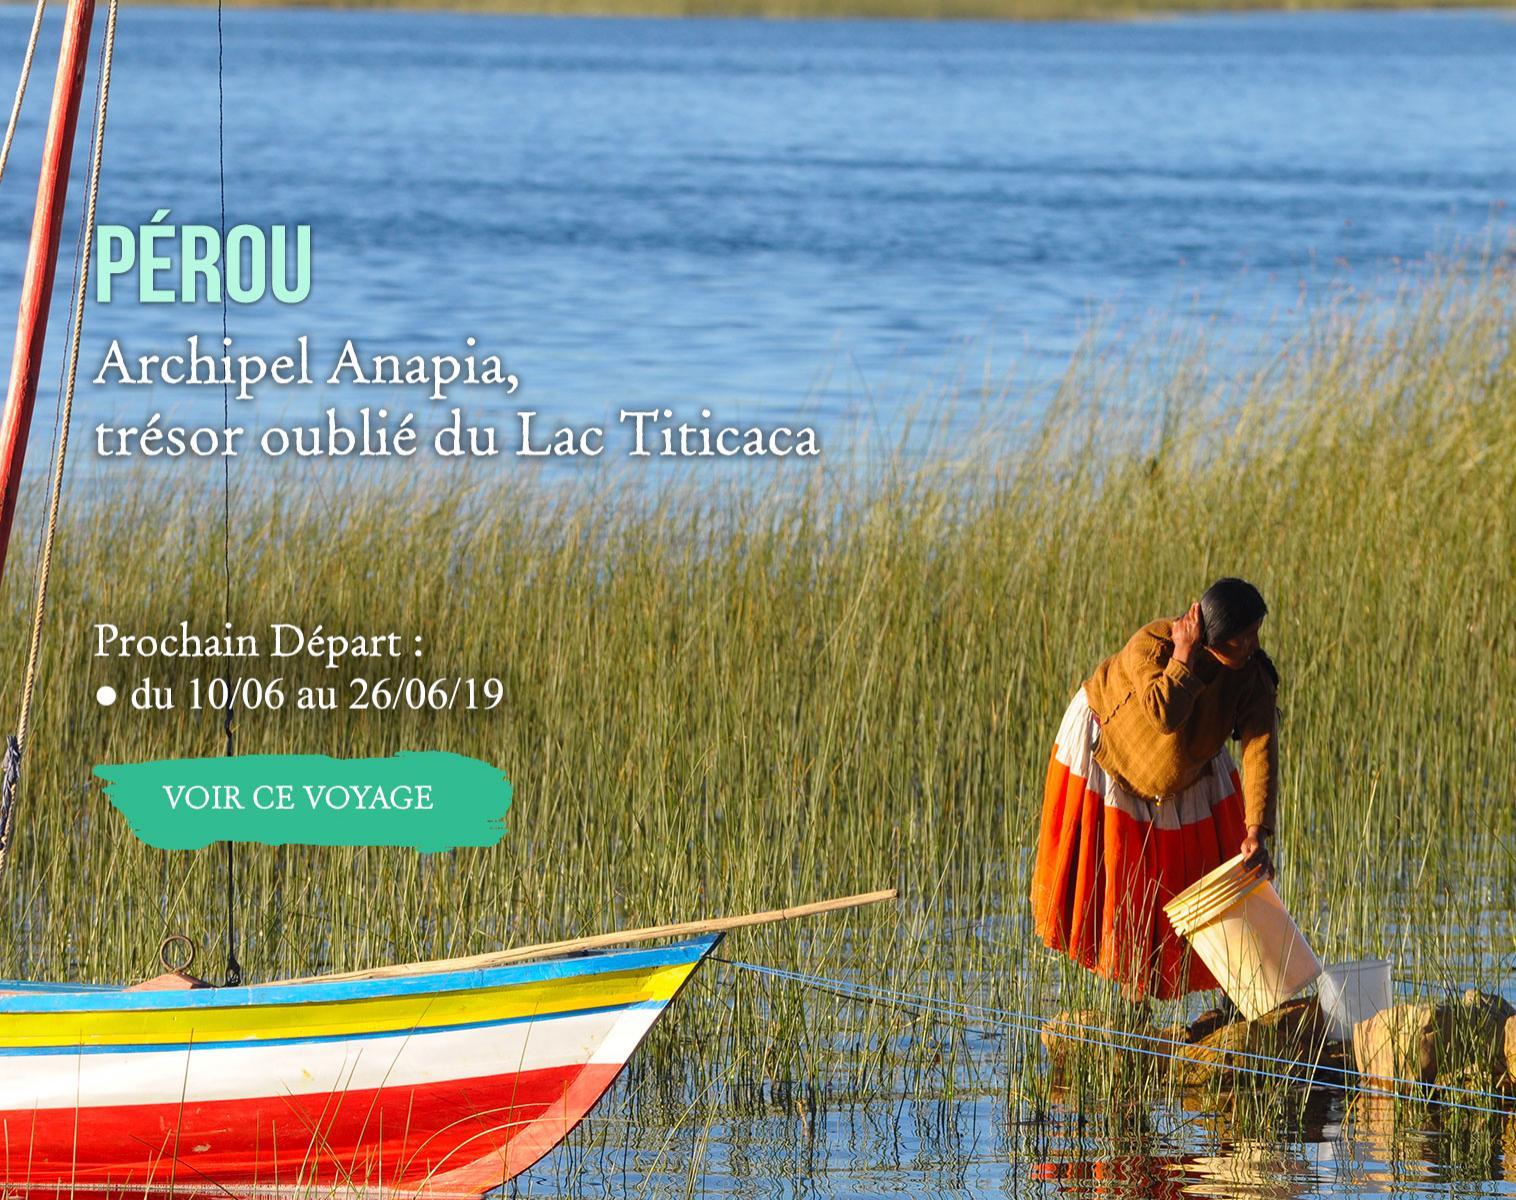 Pérou, Archipel Anapia